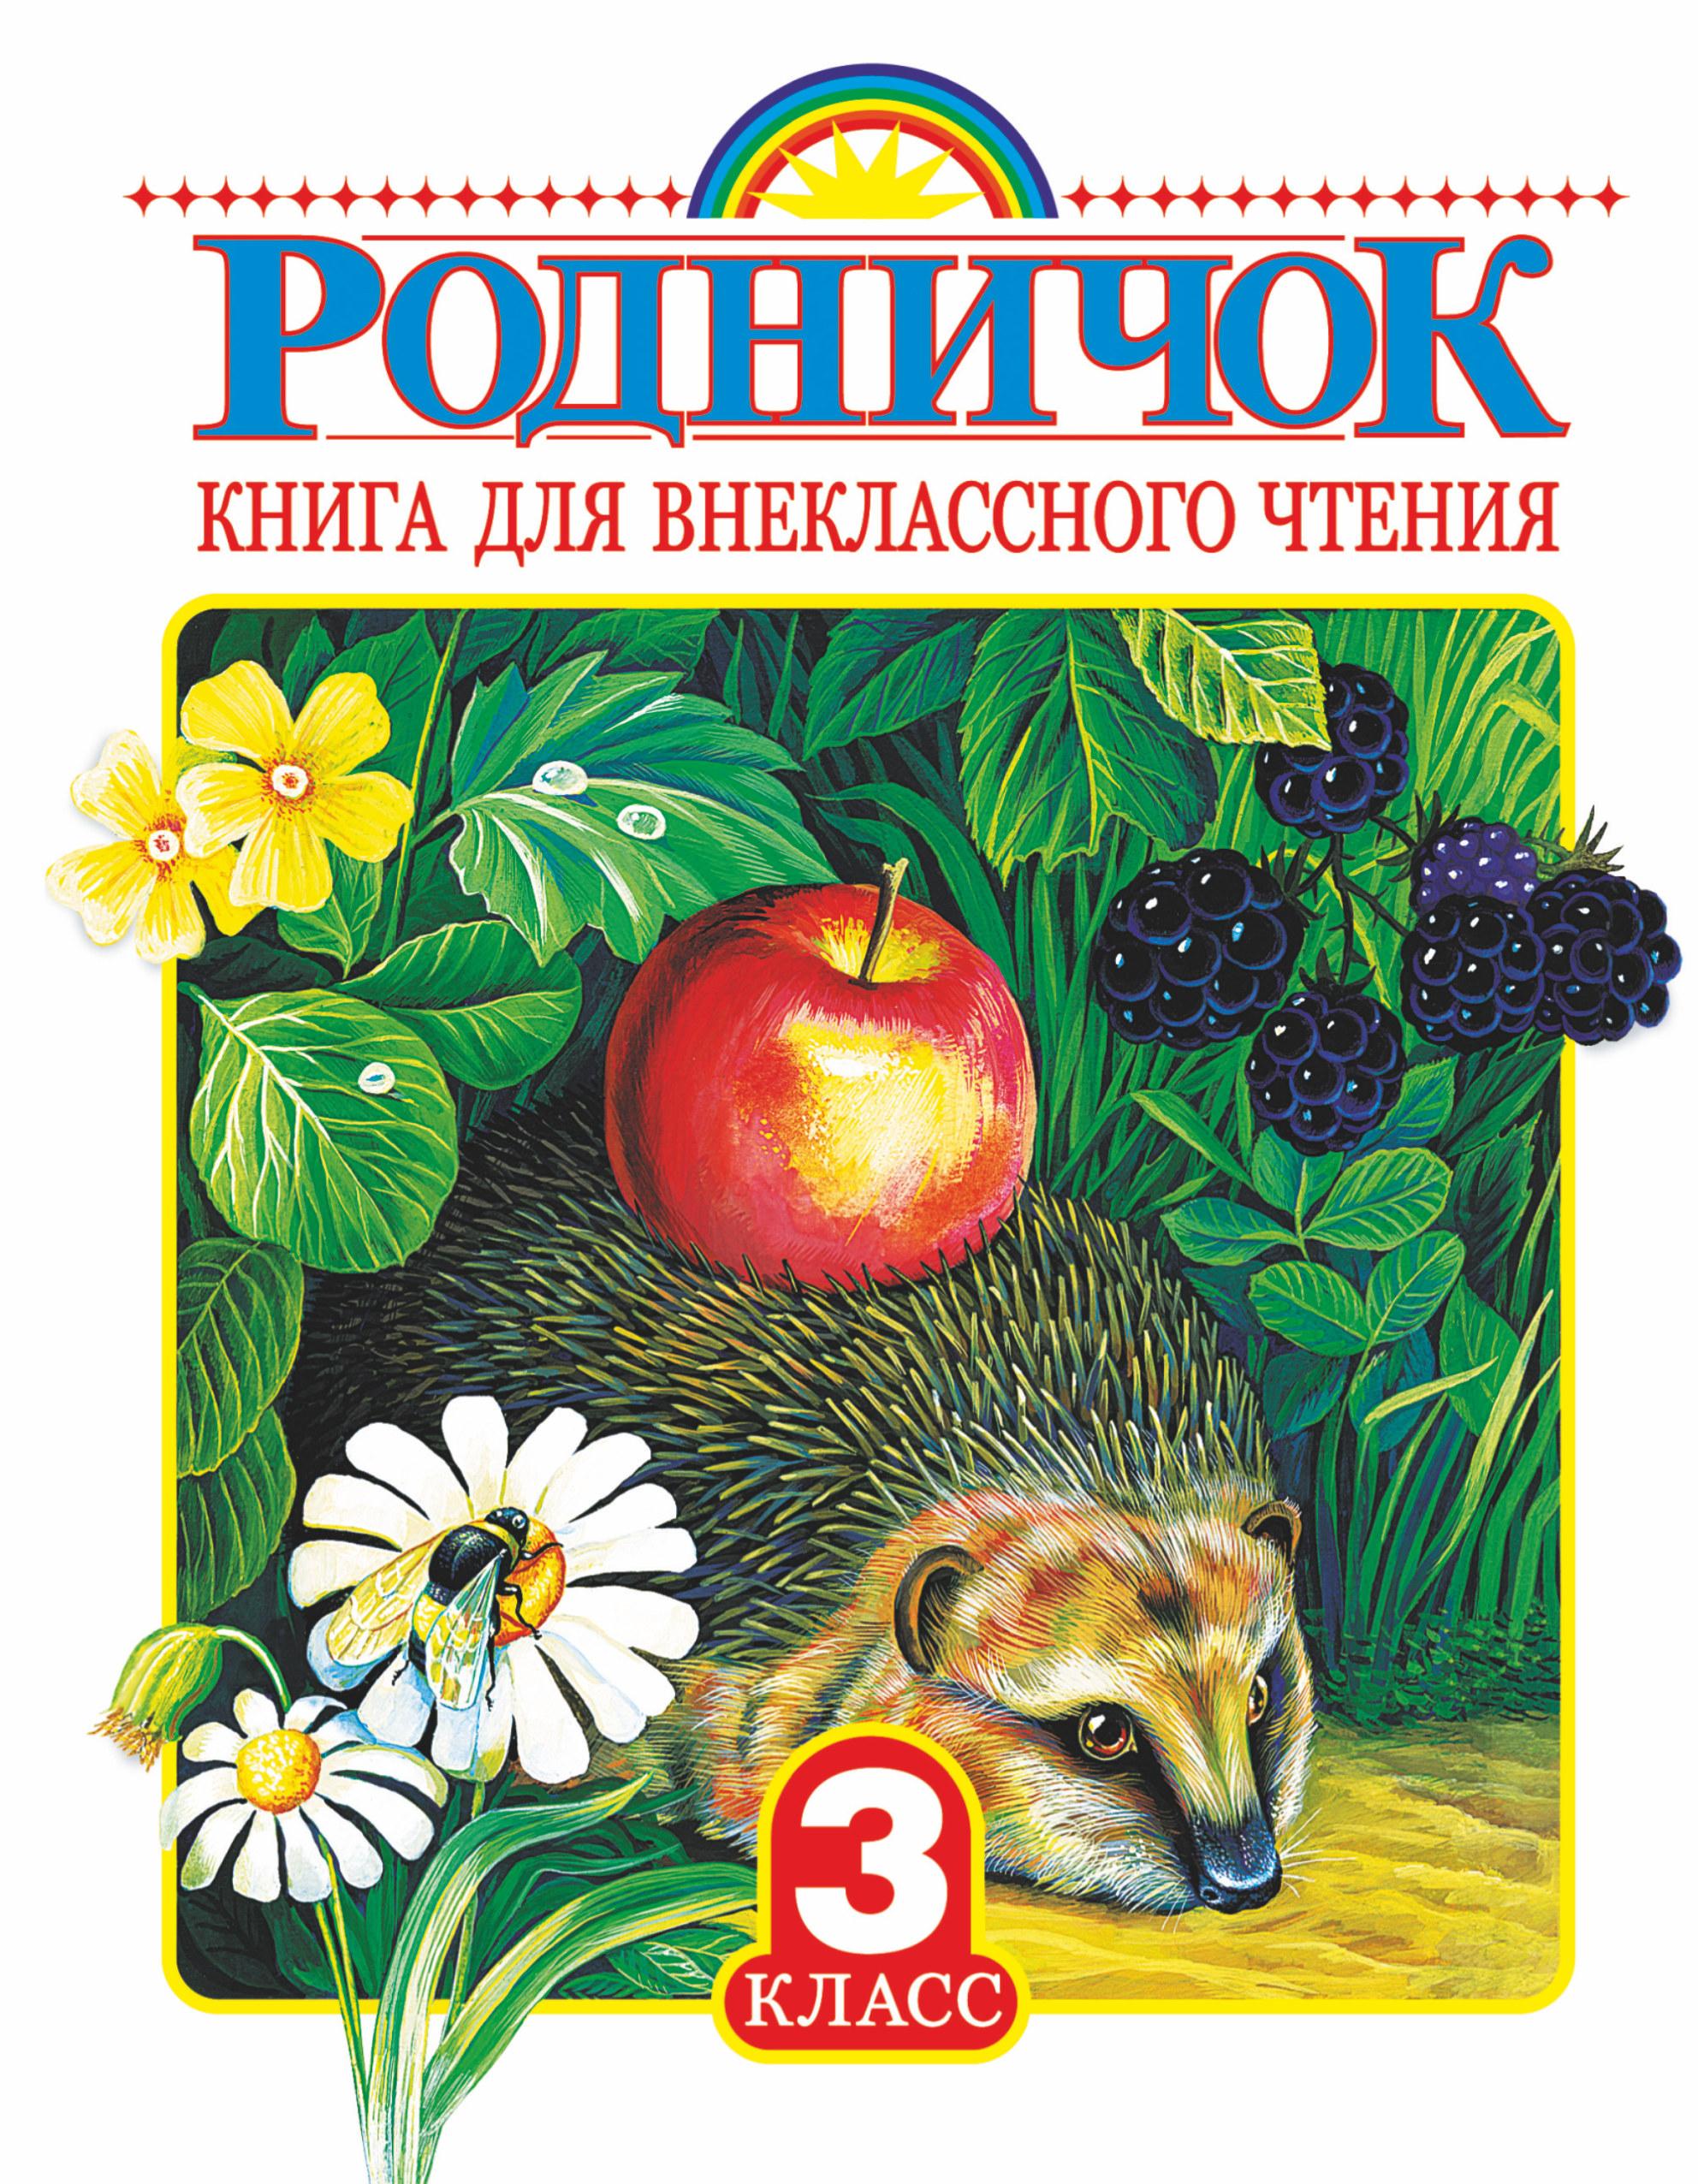 . Родничок. Книга для внеклассного чтения в 3 классе родничок 6 кл книга для внеклассного чтения